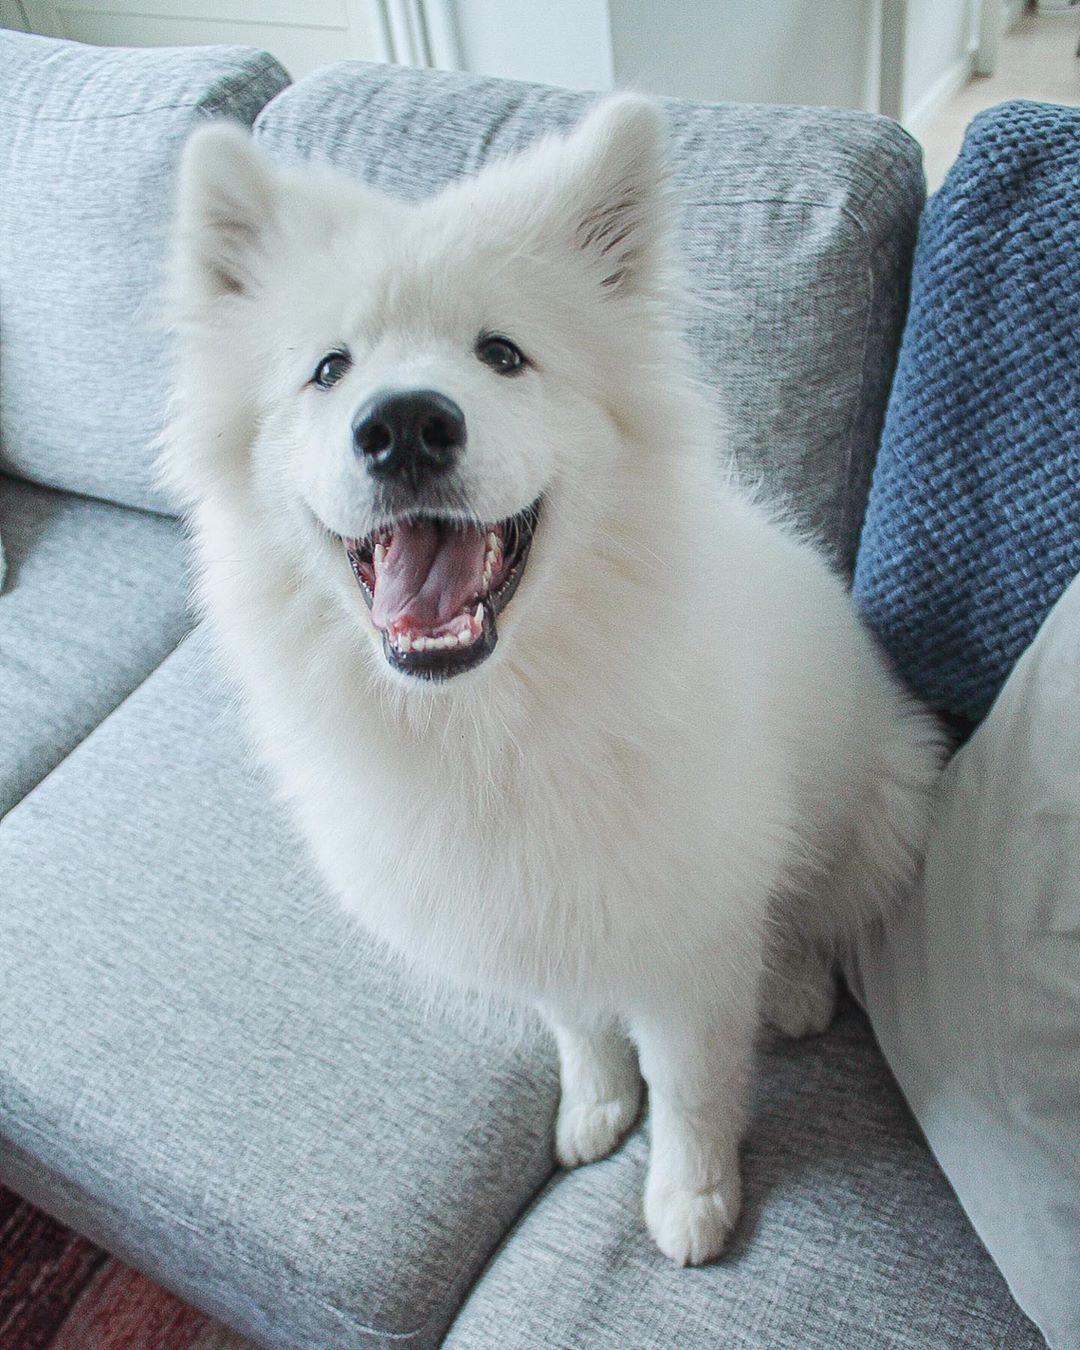 天使薩摩耶「爽滾泥巴」主人超無言 玩到「變黑狗」網笑翻:只剩臉是白色!